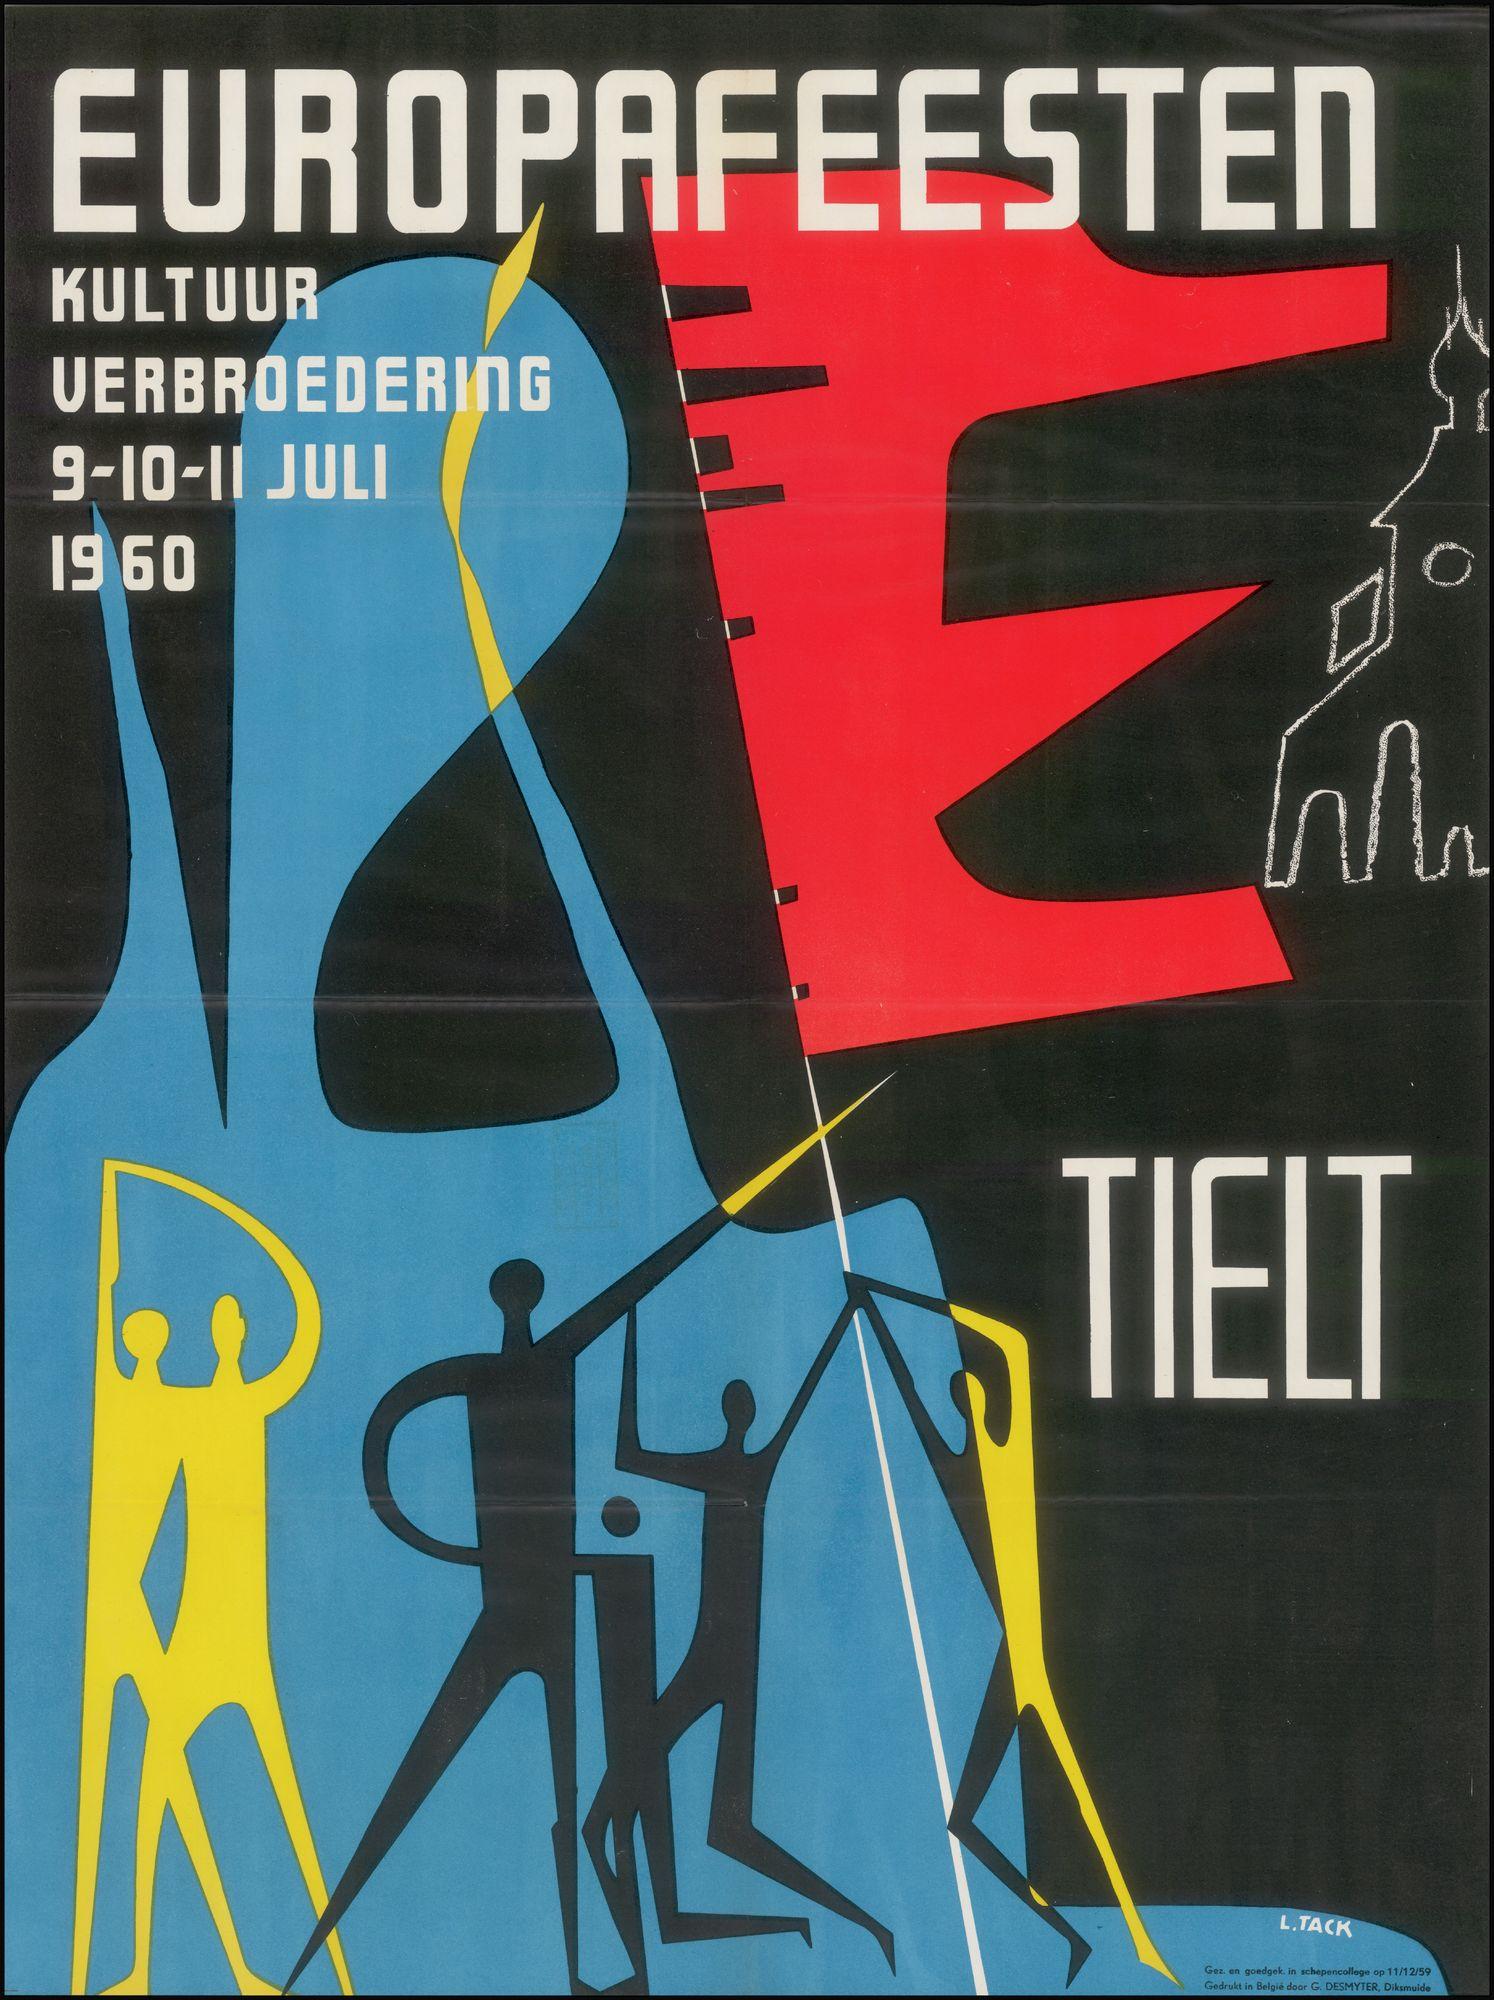 Europafeesten: Kultuur verbroedering, Tielt,  9-10-11 juli 1960